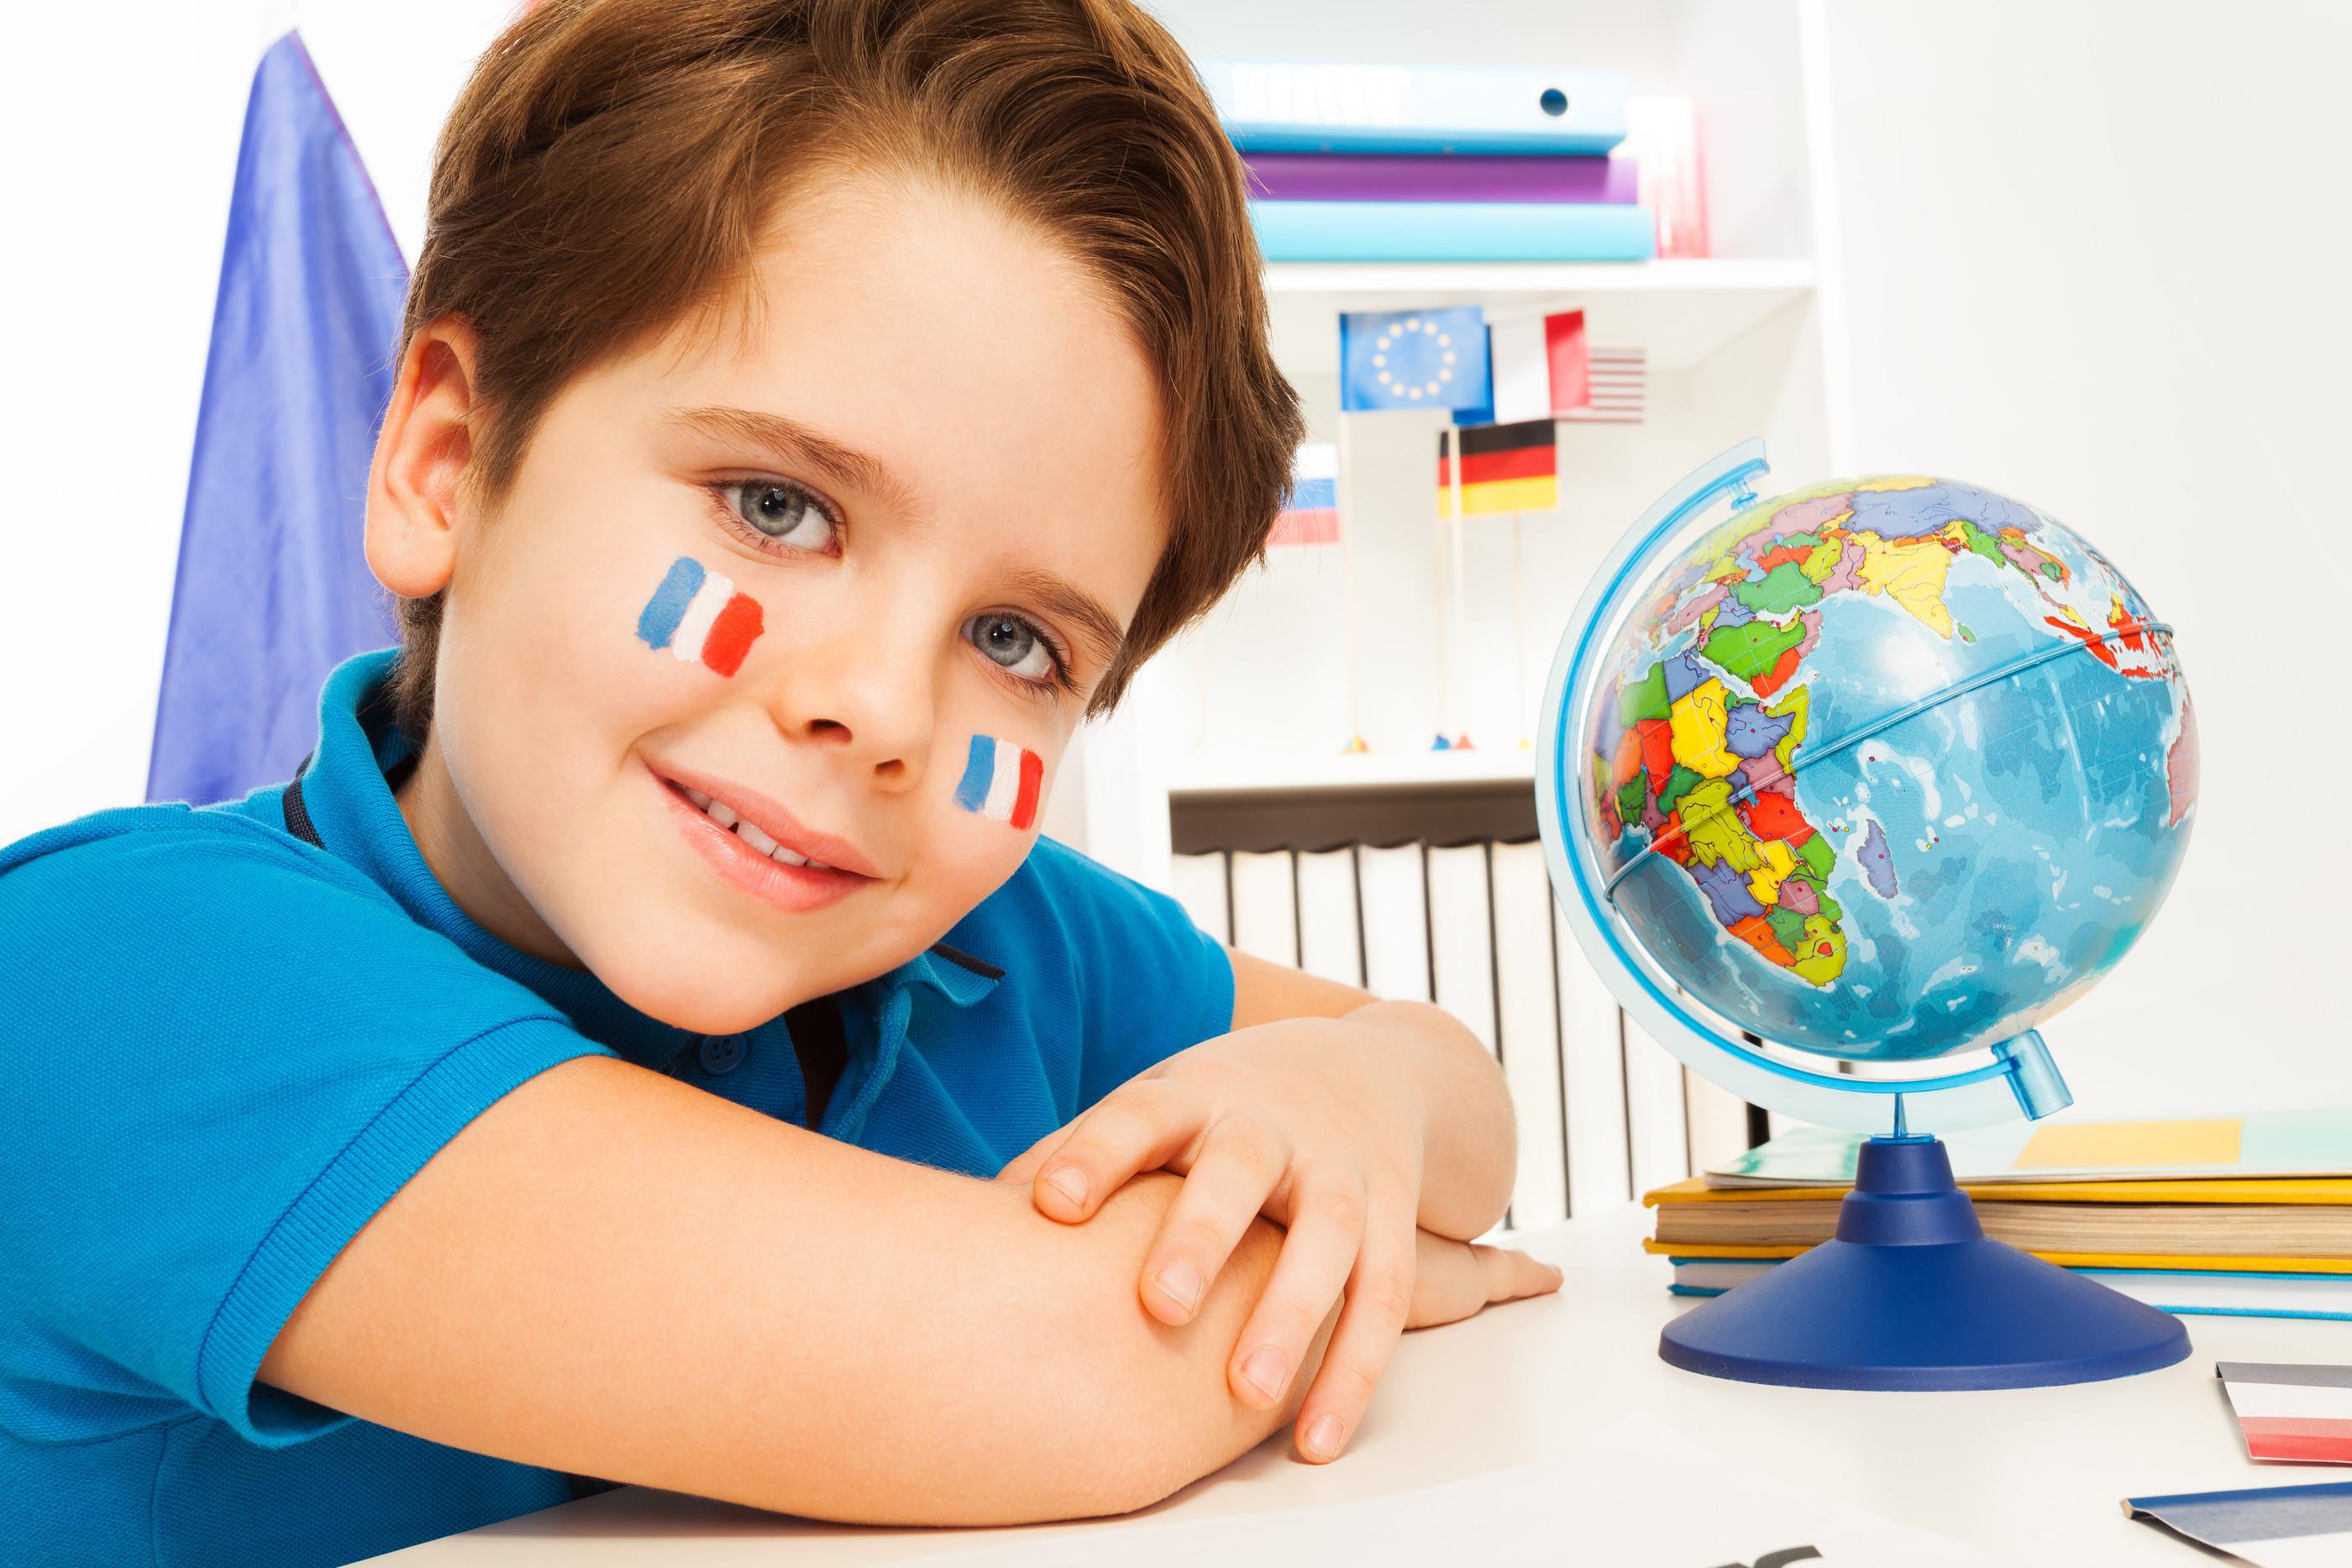 French Standard - Children